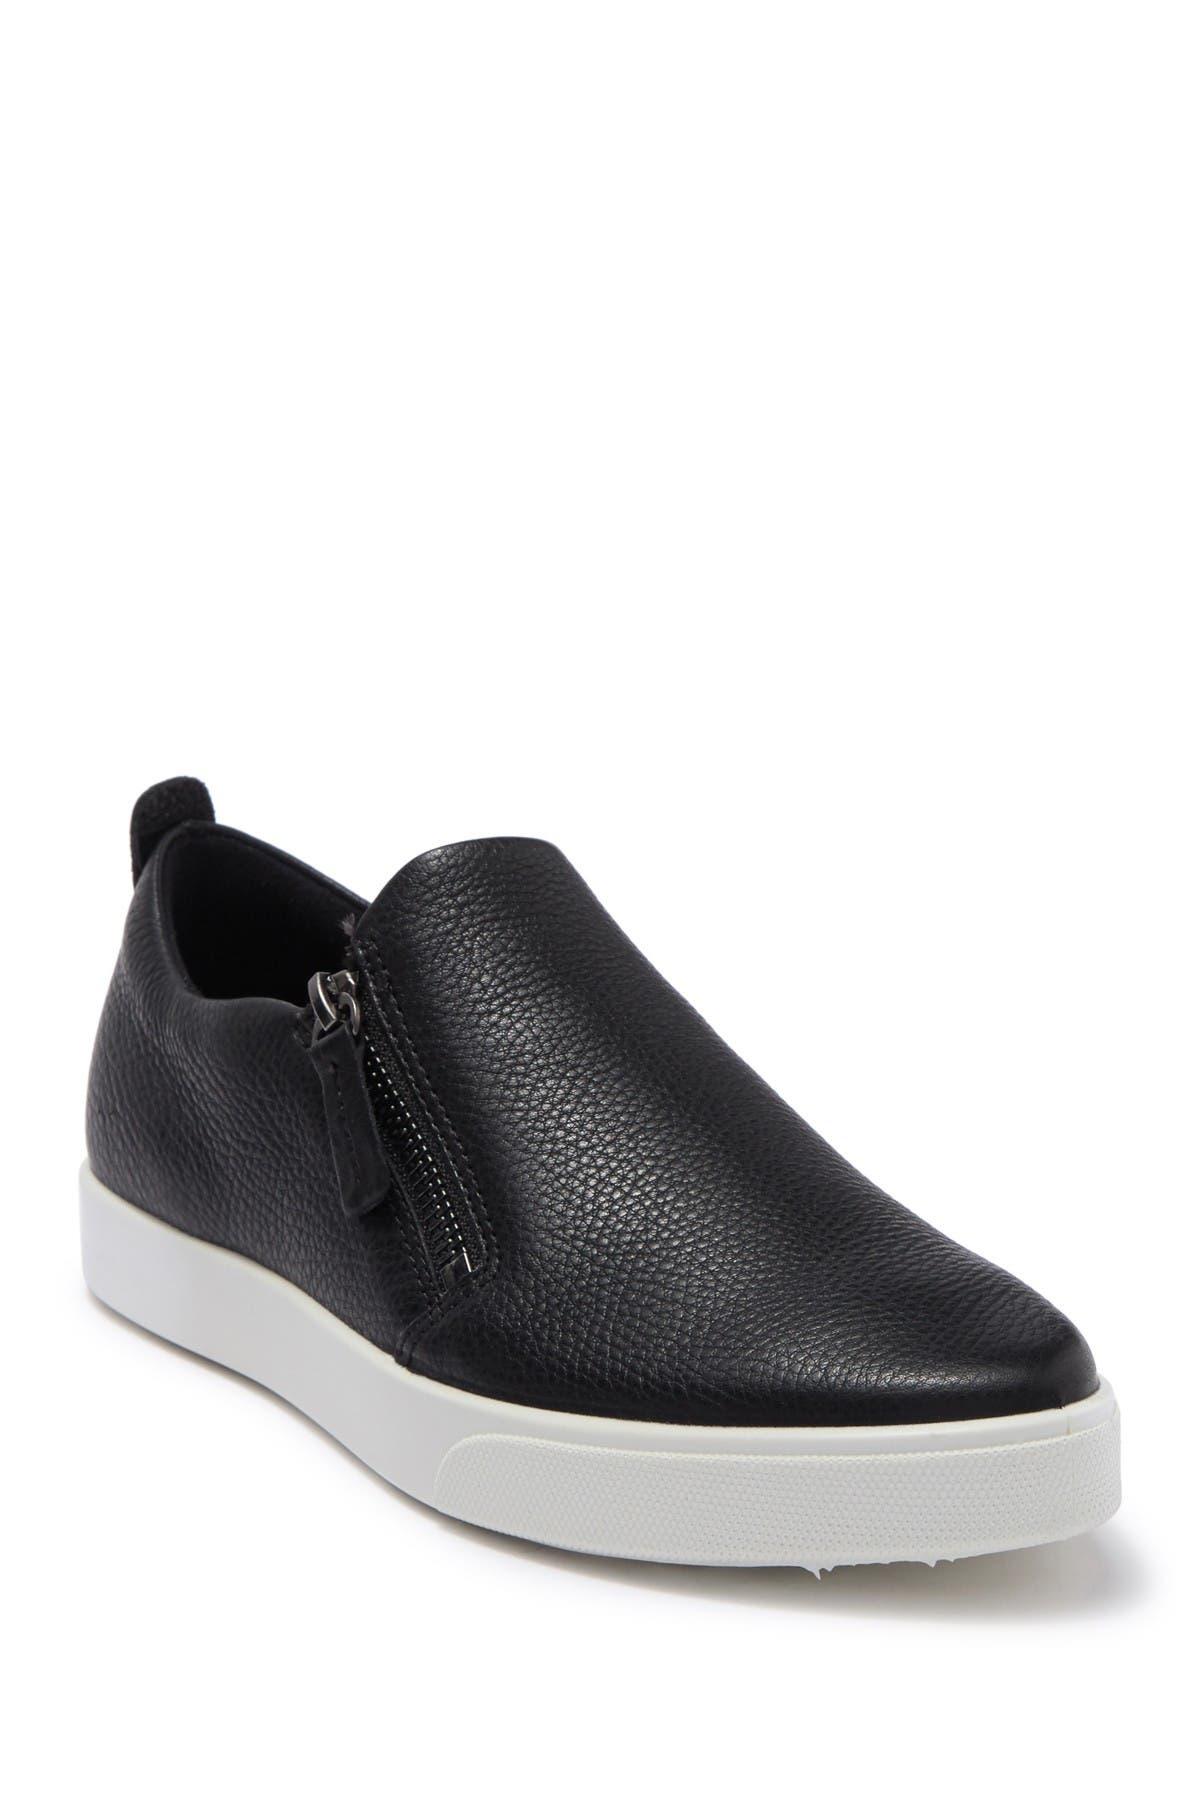 ECCO | Gillian Side Zip Sneaker | HauteLook